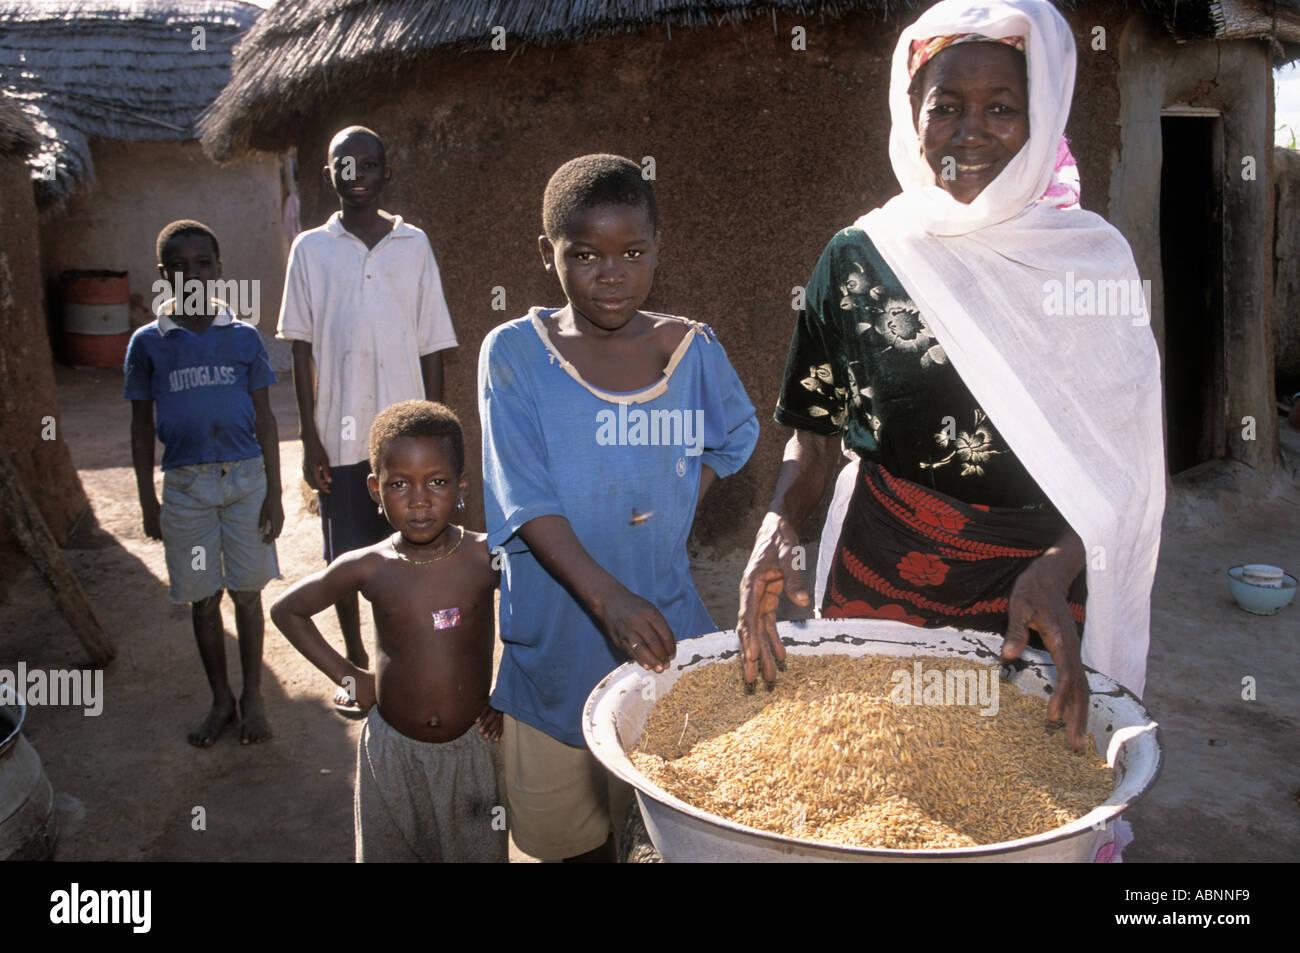 Donna del Ghana dimostra la sua ciotola di riso come tutti gli agricoltori locali è vittima di ingiustizie del commercio mondiale appelli per il commercio equo e solidale Immagini Stock